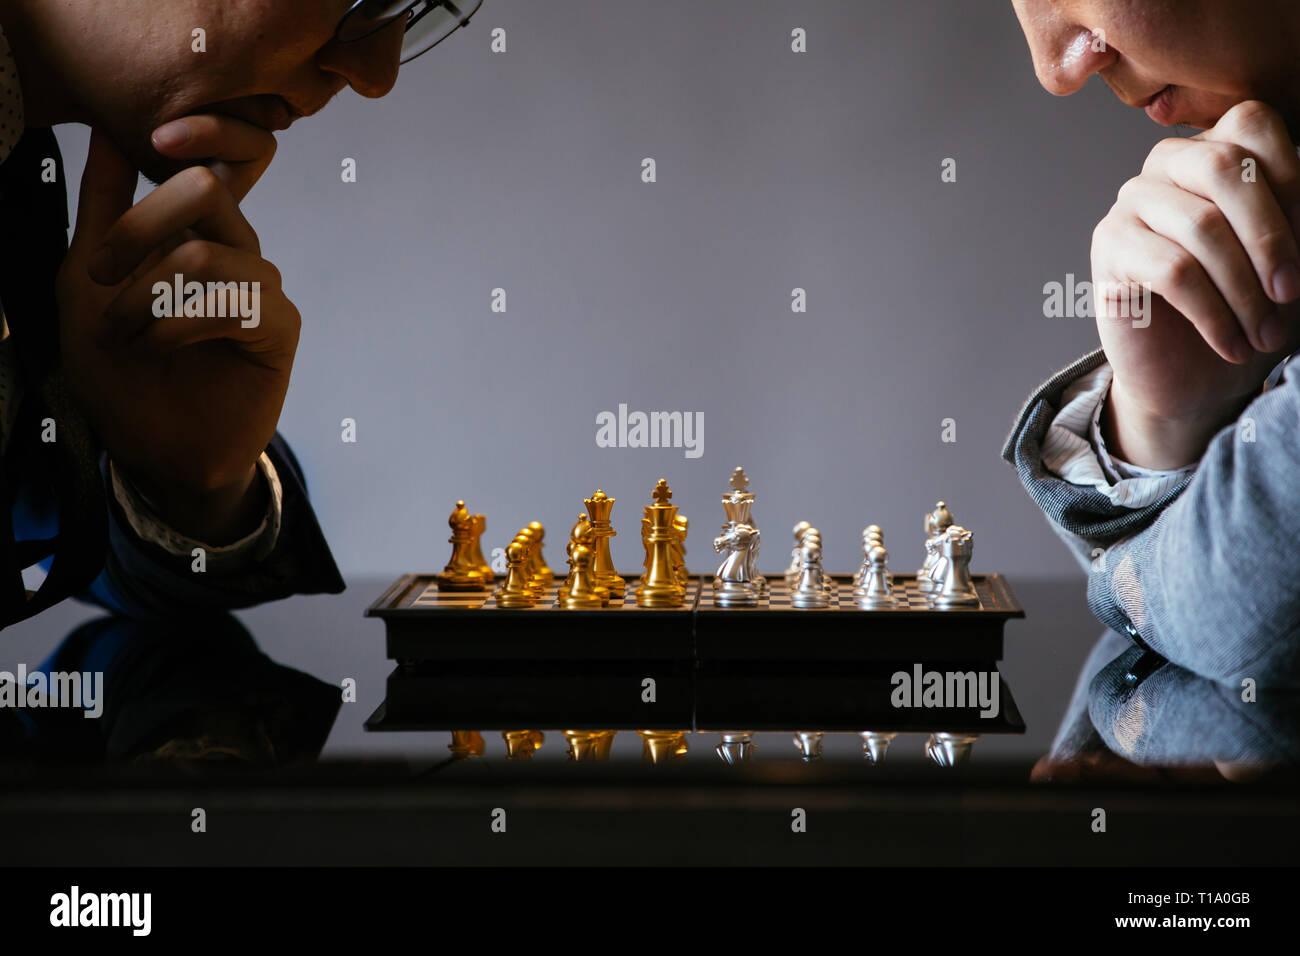 Dos empresarios unrecogniazble pensando se mueve mientras está jugando al ajedrez contra el fondo gris Foto de stock